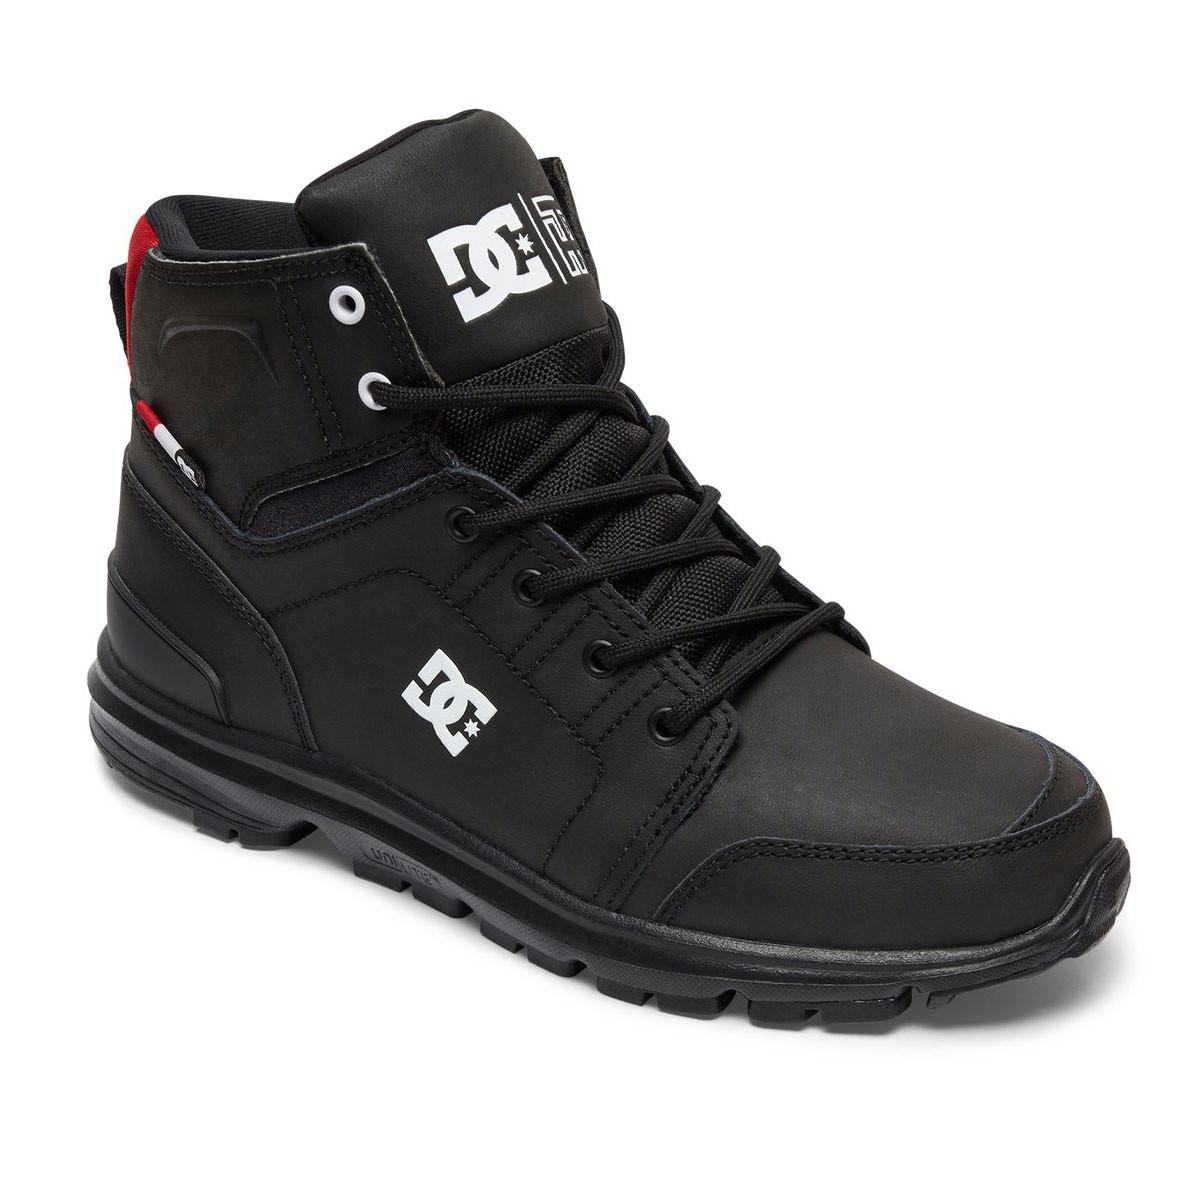 Zimní boty DC Torstein black/athletic red/white